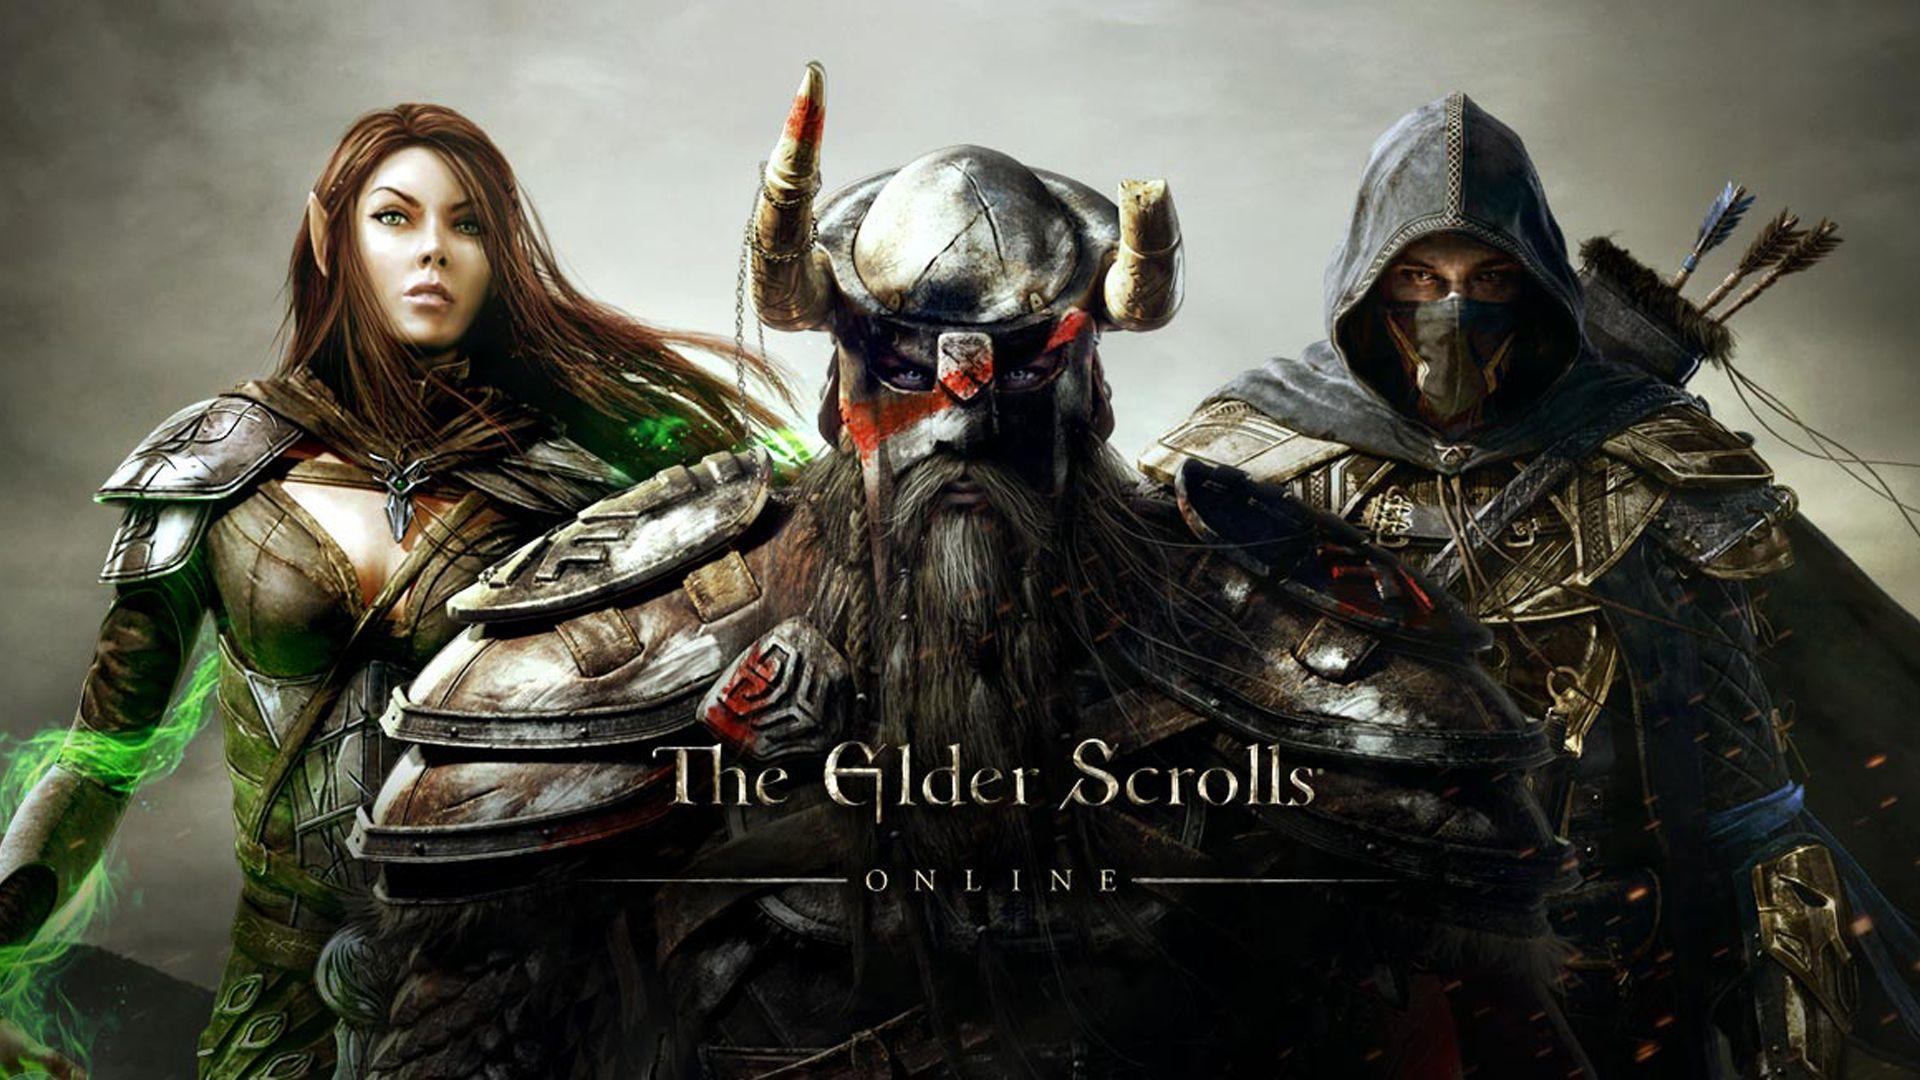 Diario de desarrollo de The Elder Scrolls Online nos muestra 9 minutos de gameplay [OSOM!]